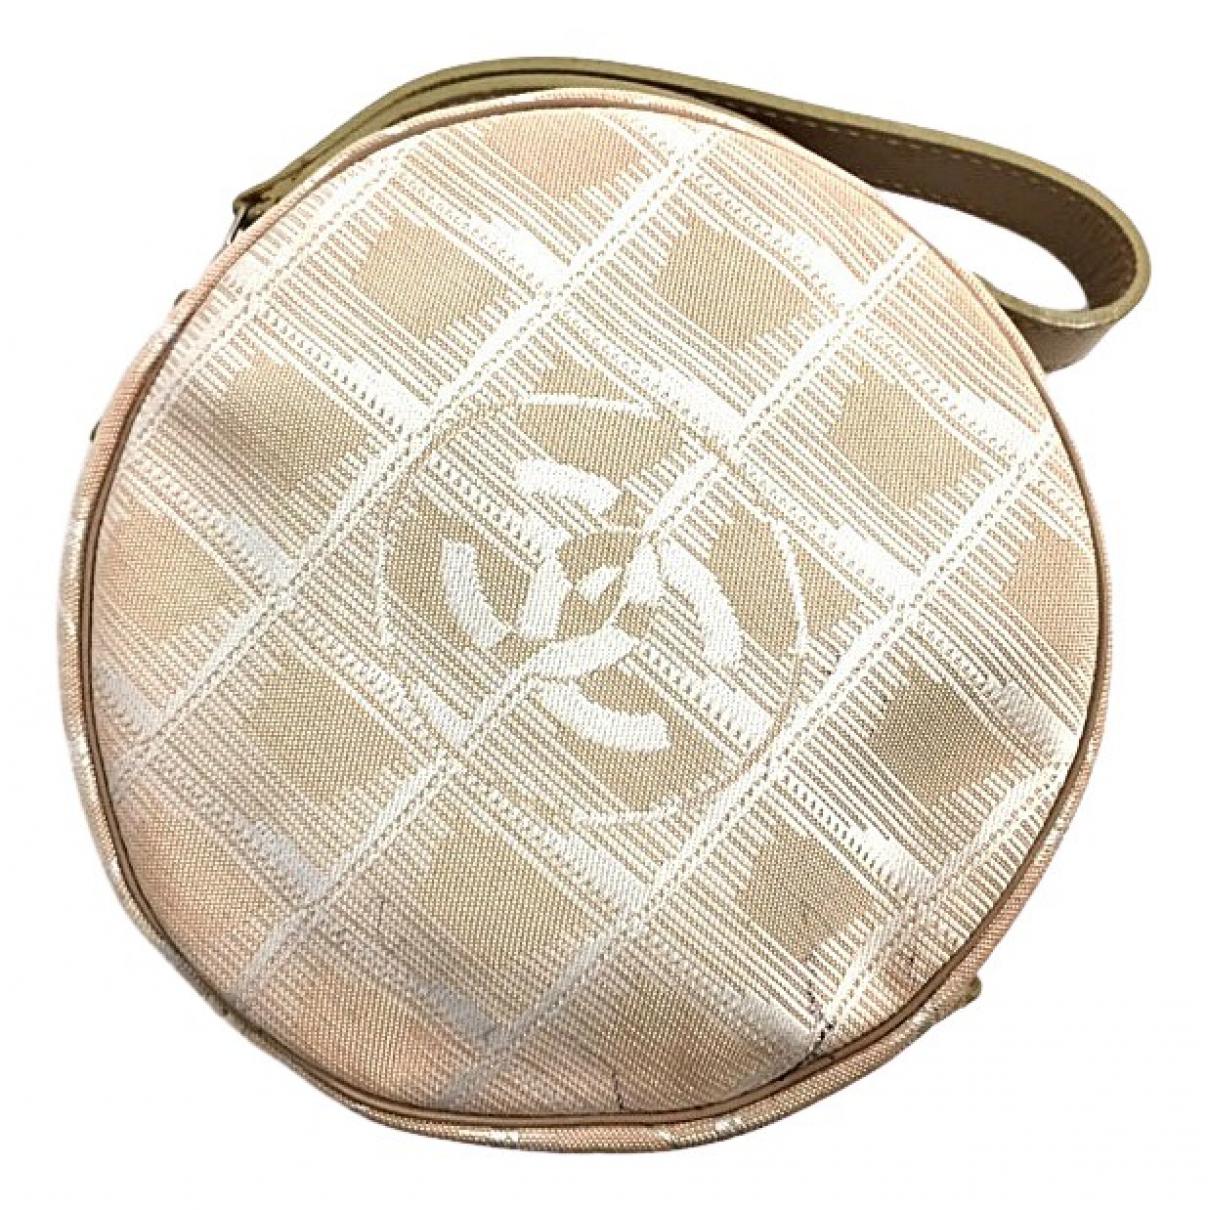 Chanel - Pochette   pour femme en toile - beige